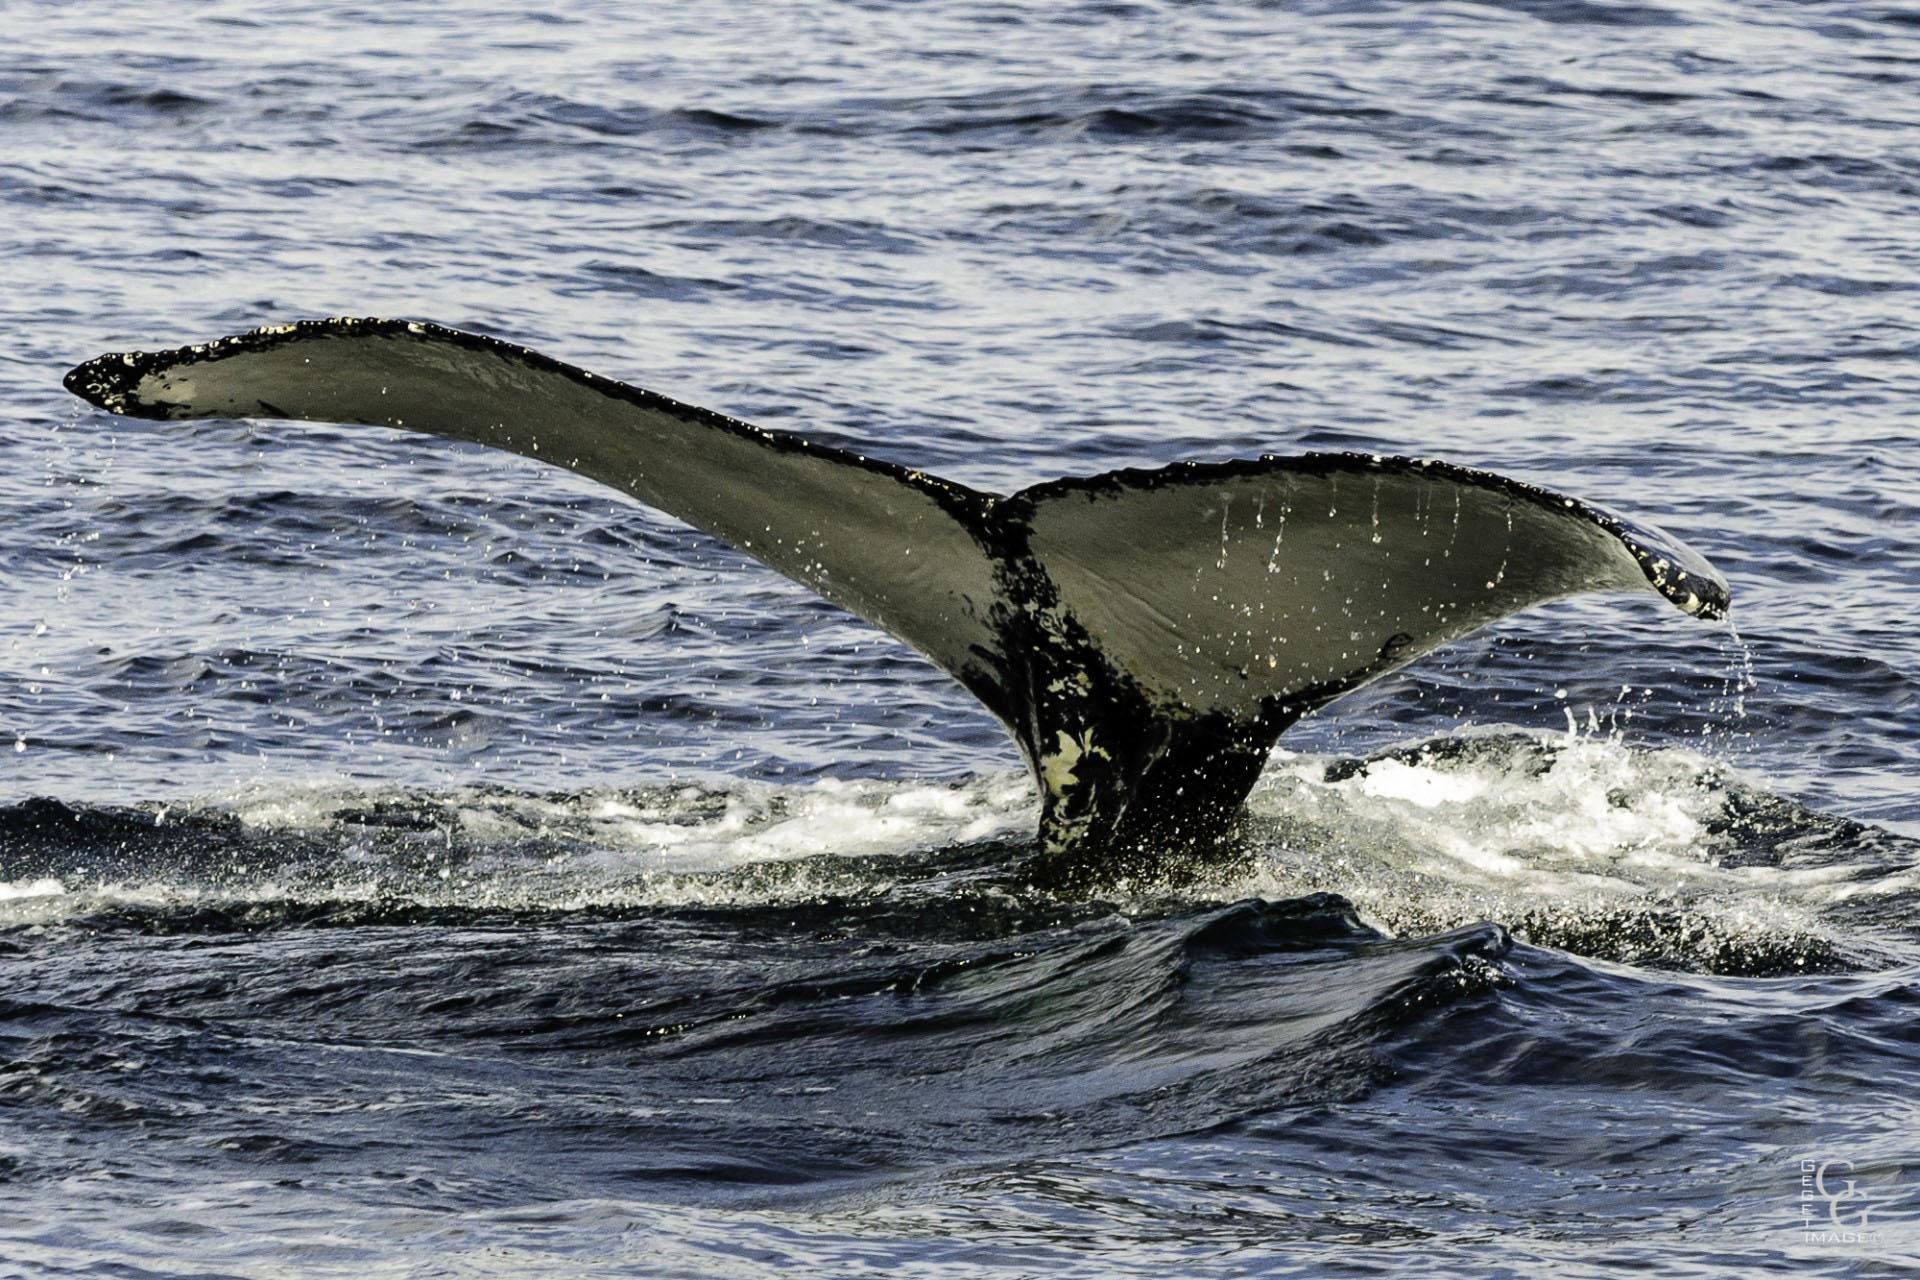 Blanche neige, Baleine du St Laurent